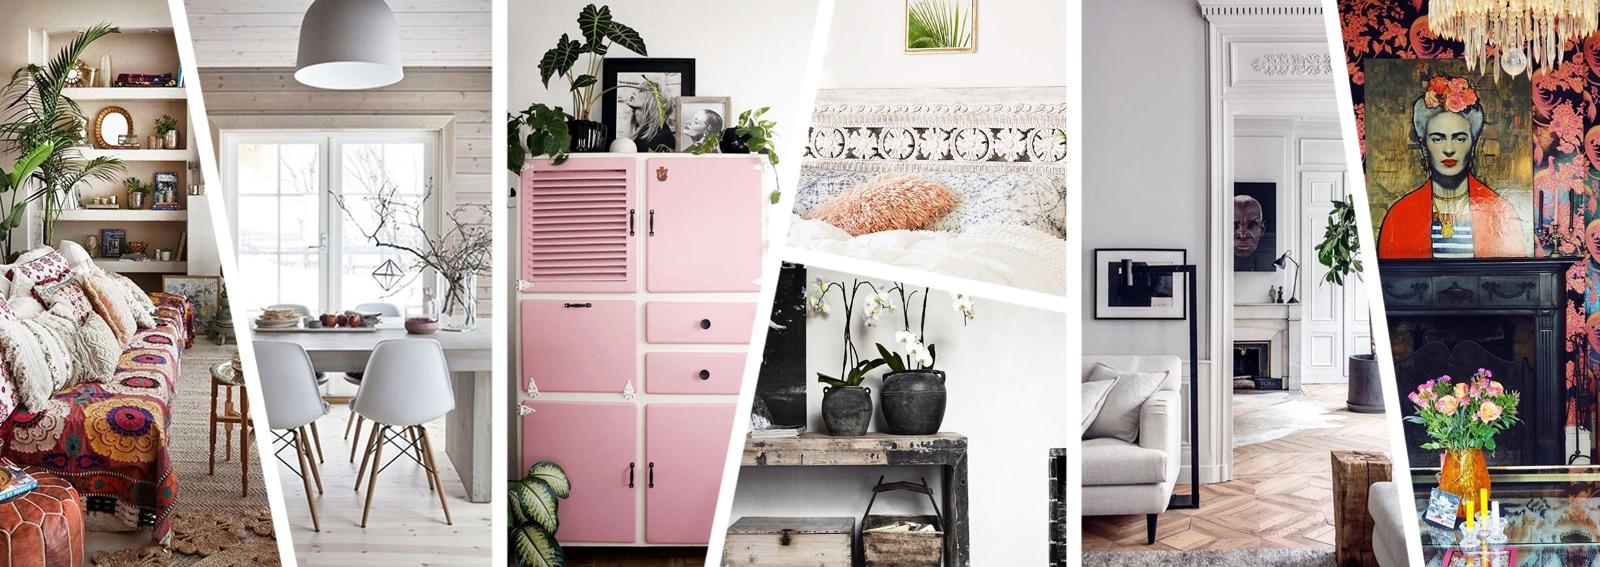 Breve guida ai 10 stili di arredamento che dovete for Arredamento casa stili